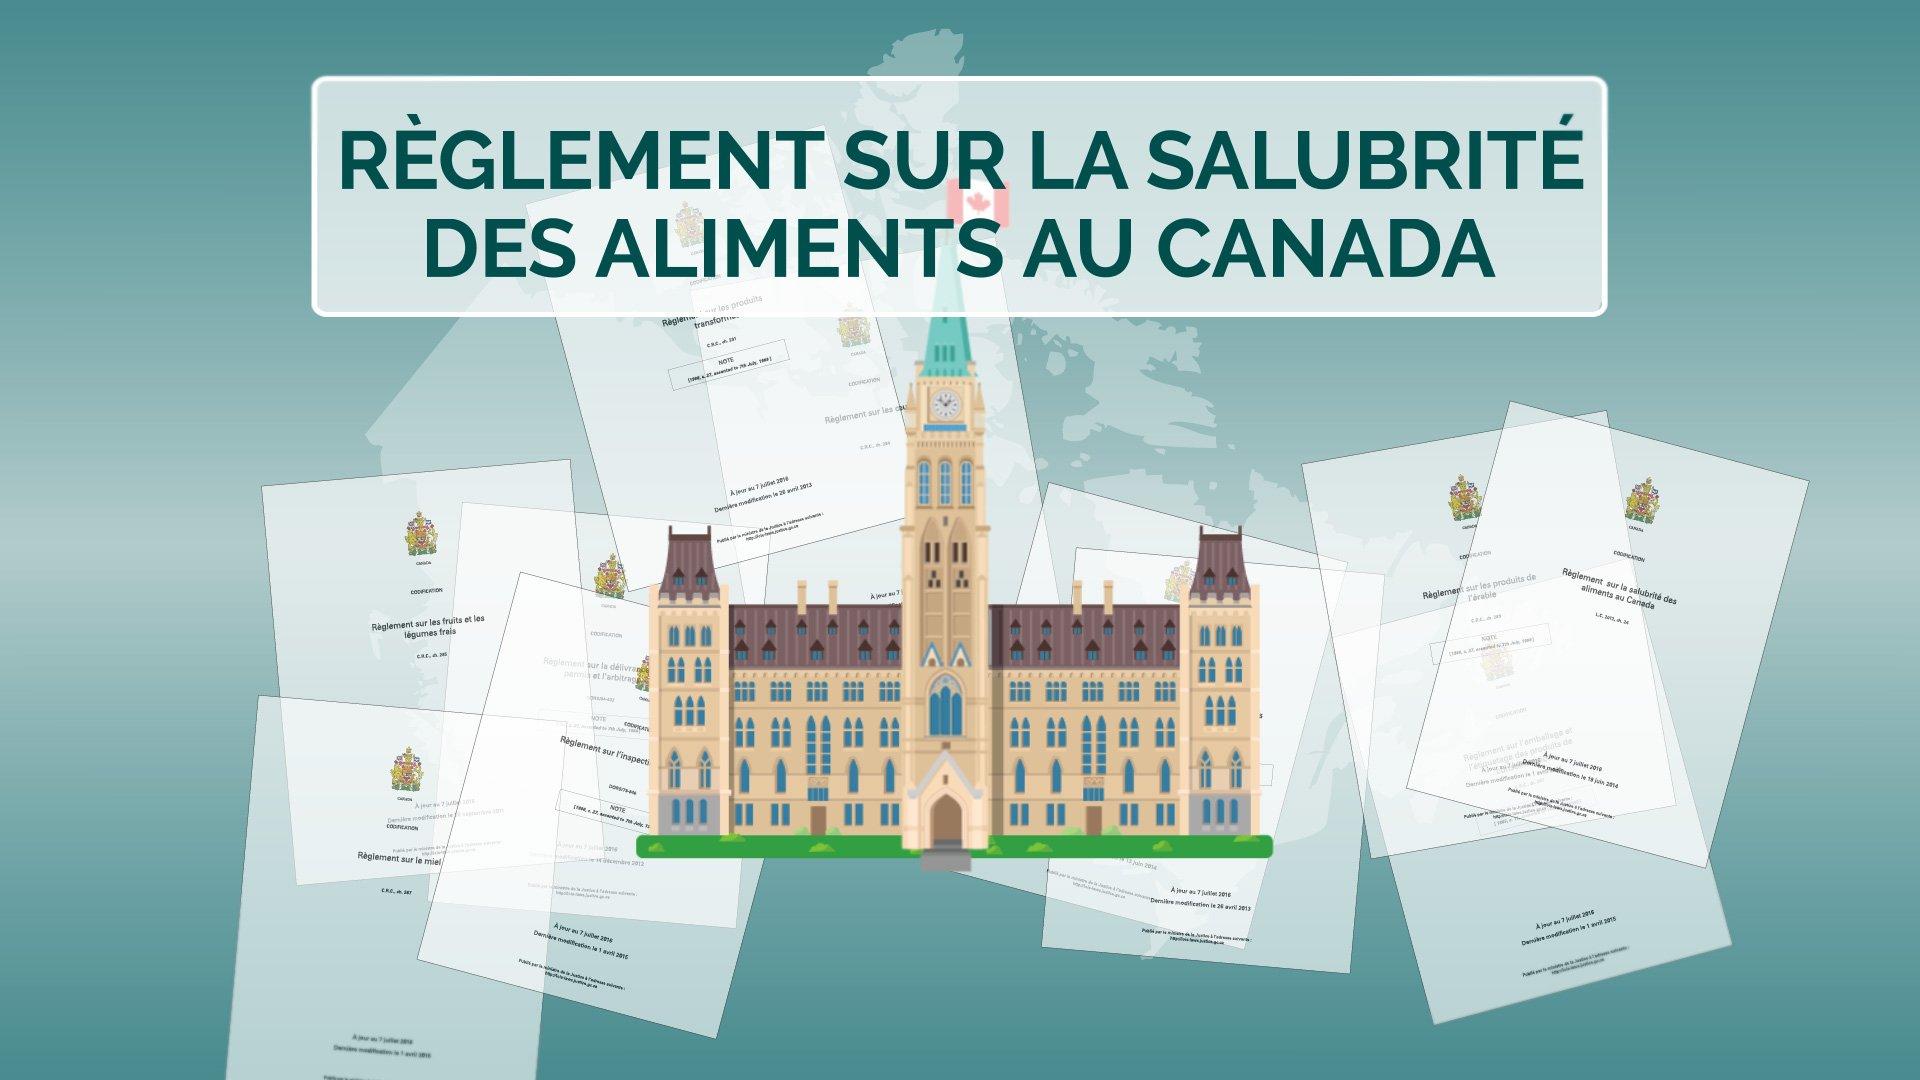 Causerie Twitter #SMEPME 11 avril midi HAE avec @ACIA_Aliments sur le projet de règlement #AlimentsSalubres! https://t.co/aPakiYENm5 https://t.co/OY5RXP0Fli